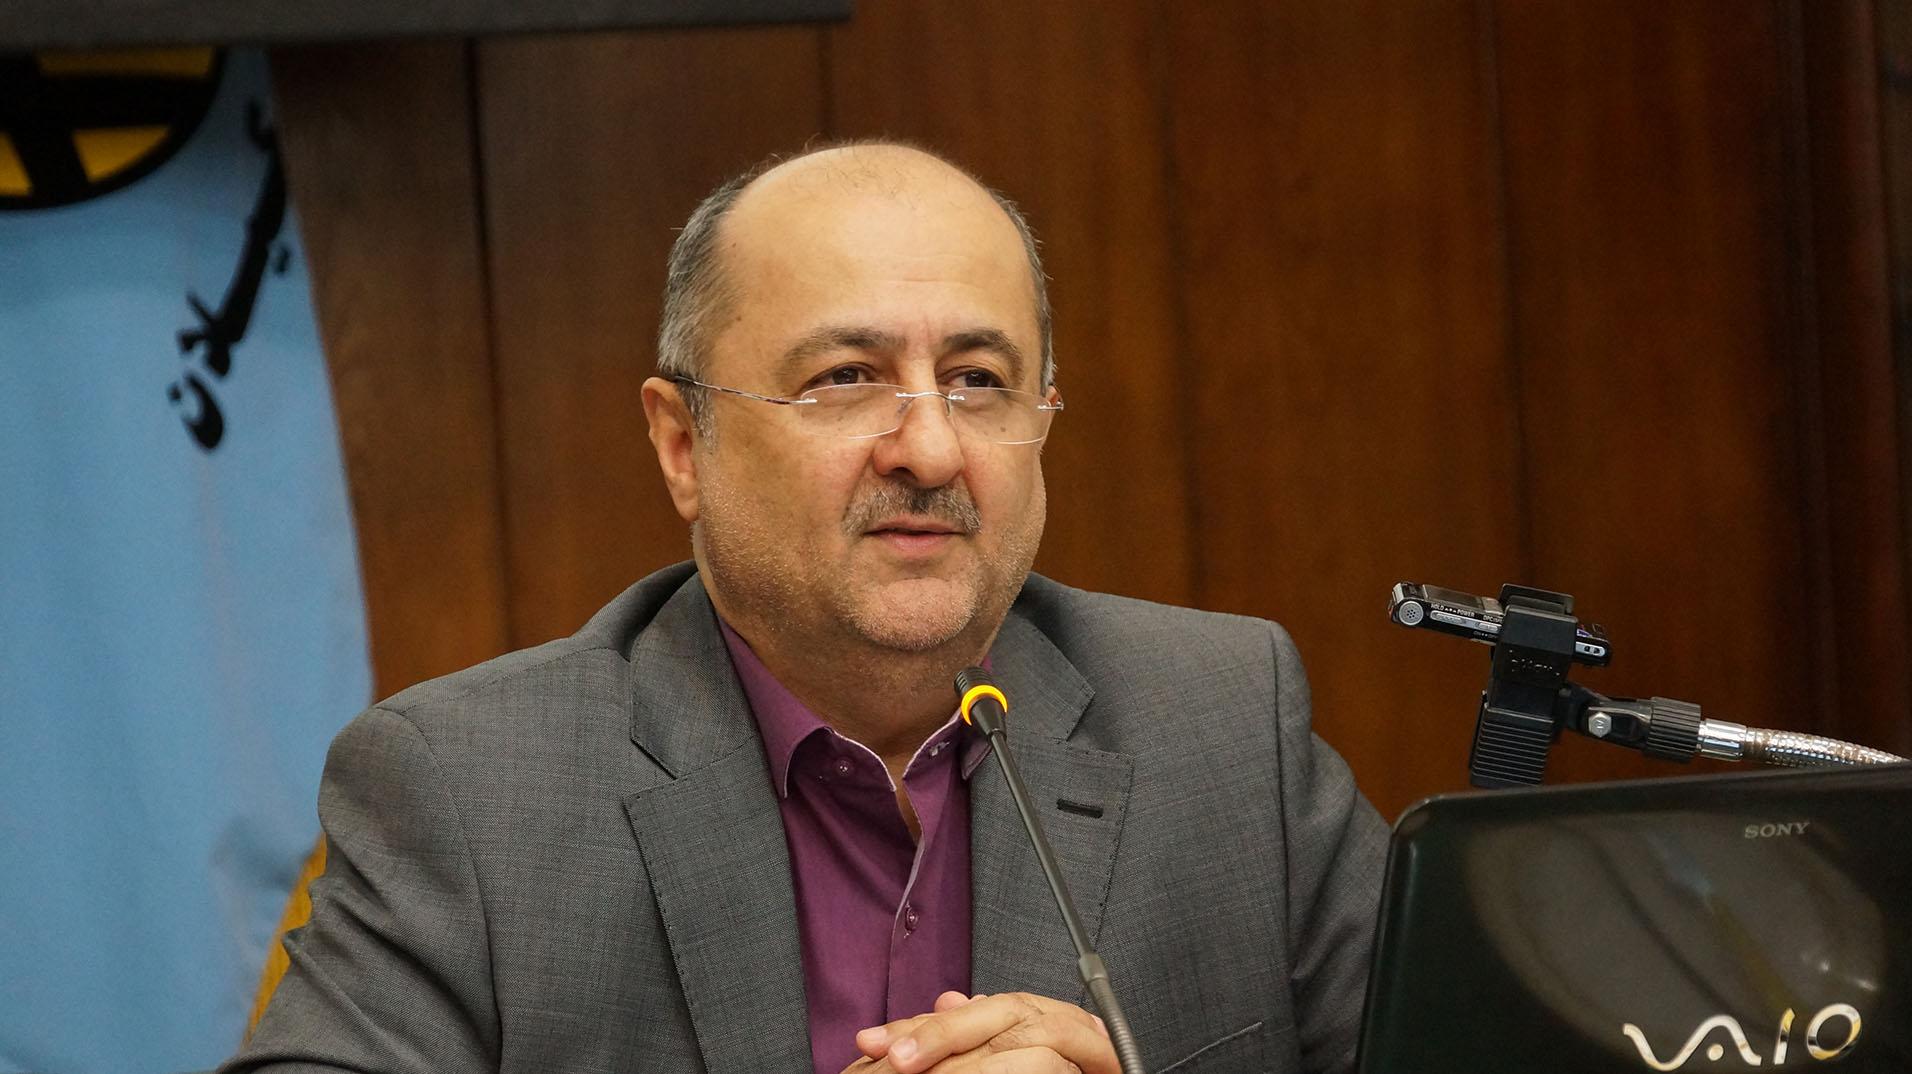 مدیر عامل شرکت سهامی برق منطقه ای گیلان: از هم استانیهای محترم تقاضای همکاری در استفاده بهینه از برق را داریم